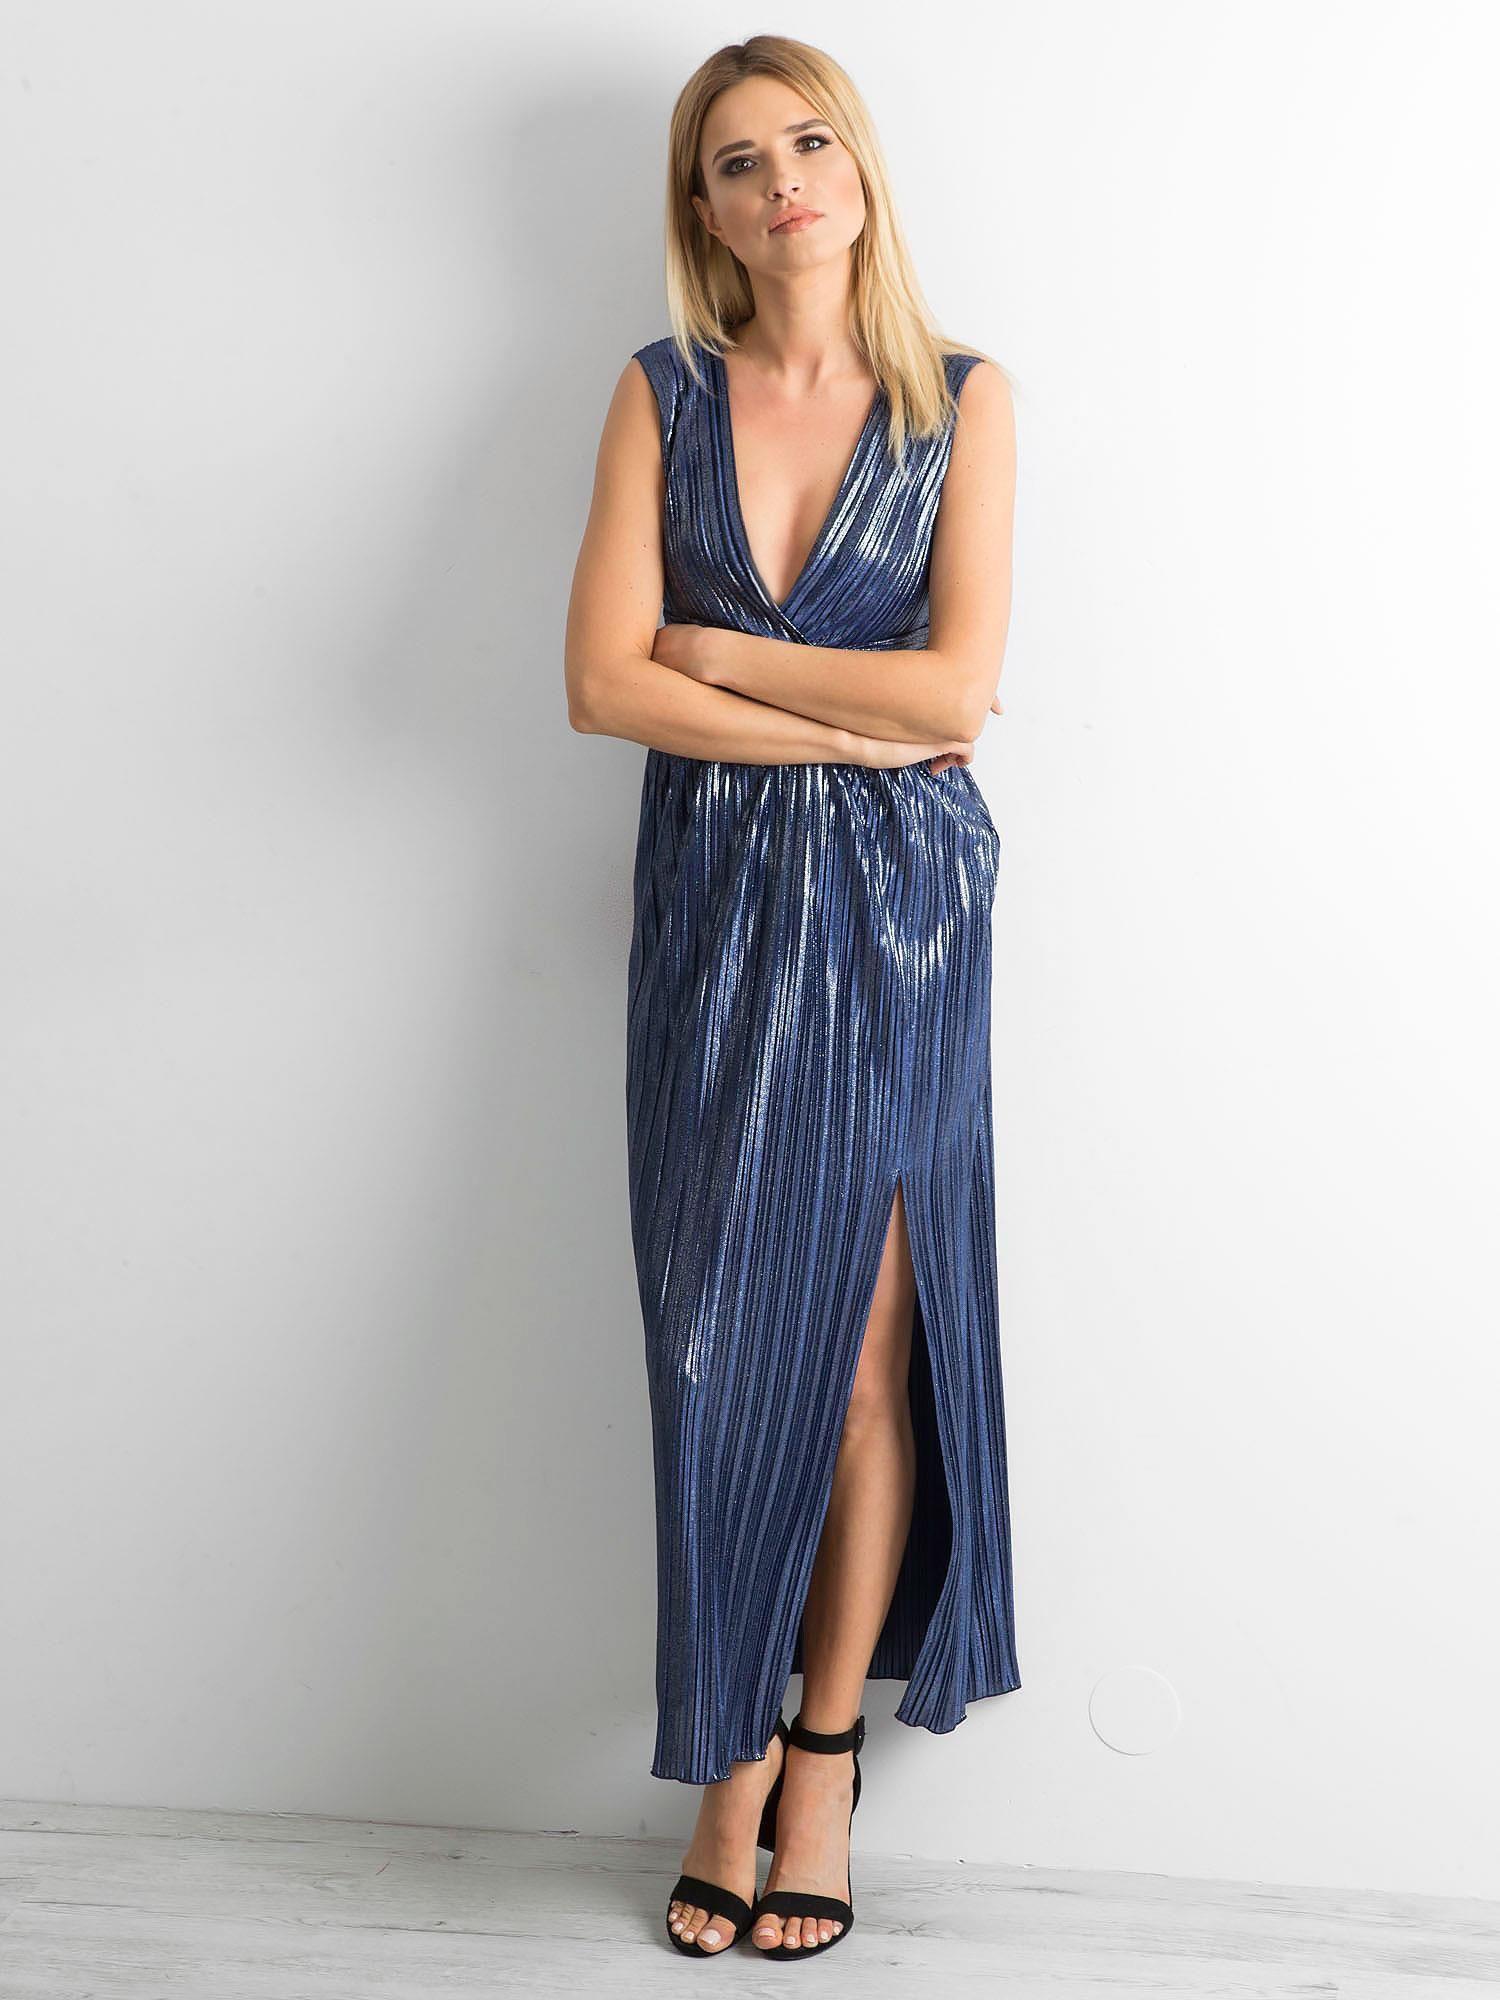 Dlouhé skládané šaty lesklé tmavě modré barvy 34